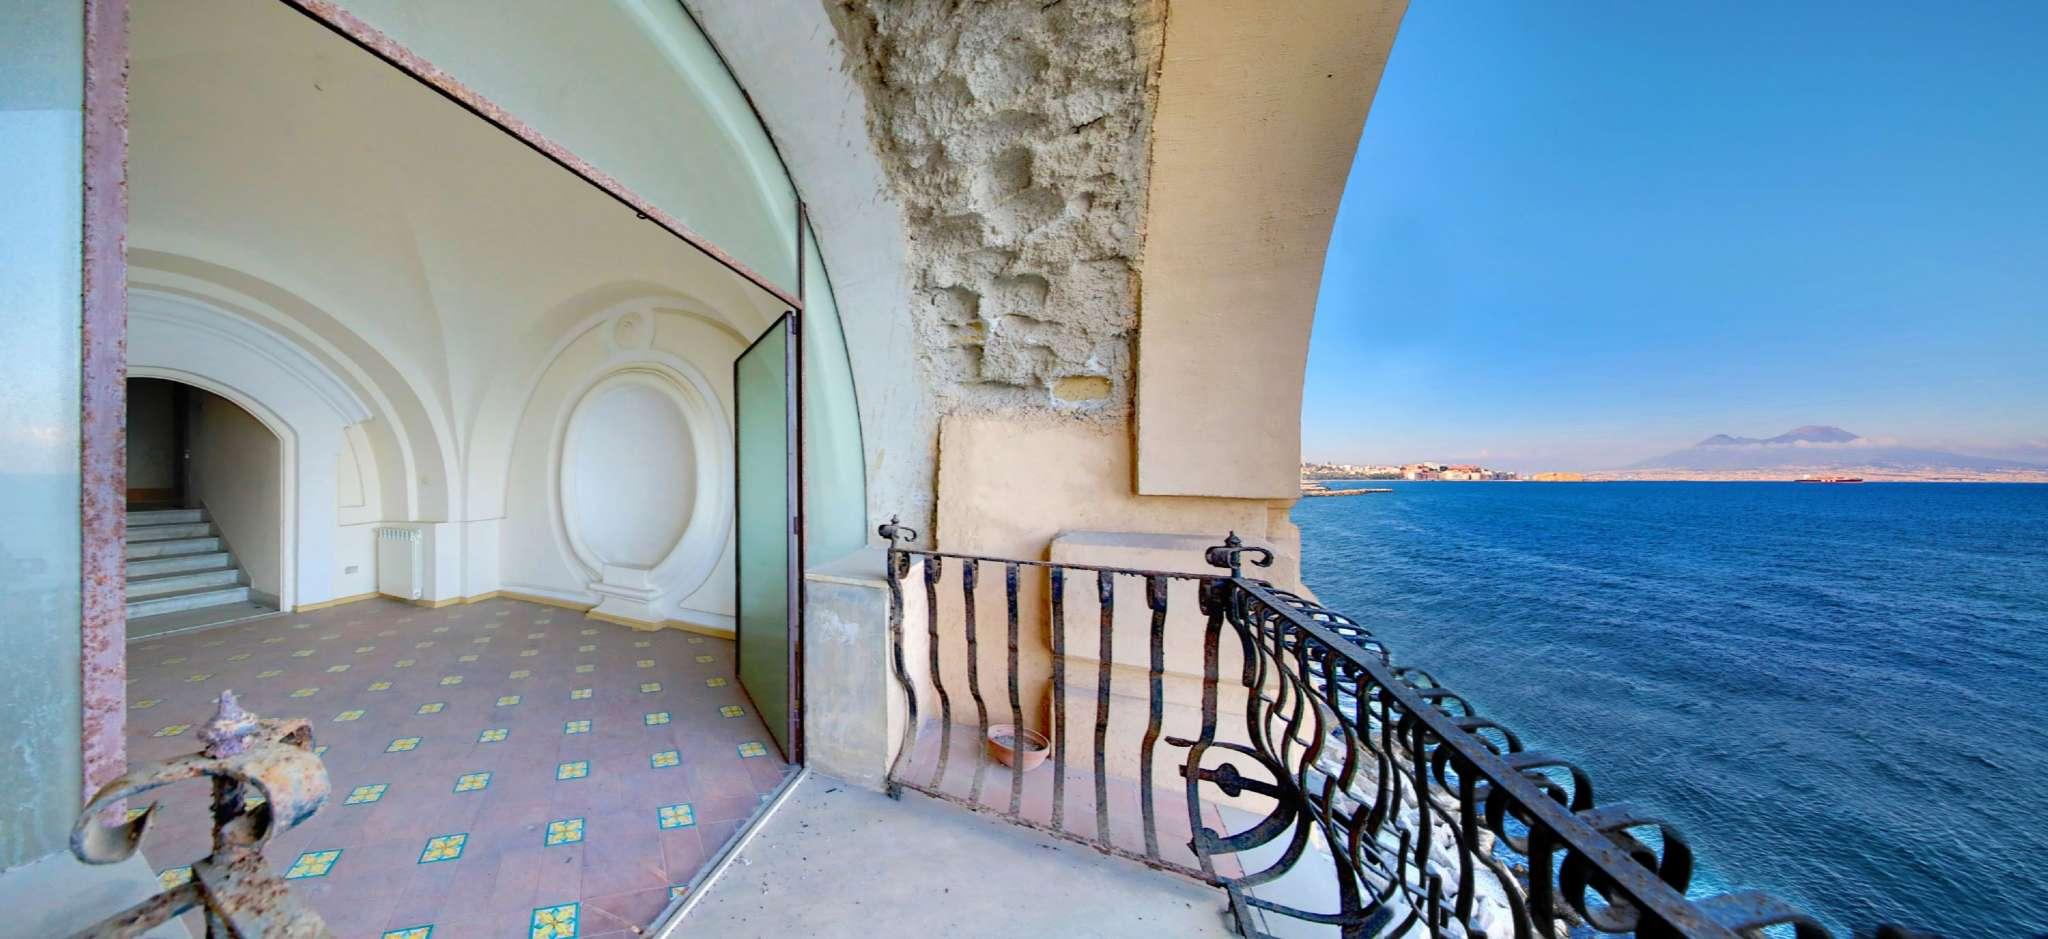 Appartamento discesa mare posillipo napoli in vendita waa2 - Anna russo immobiliare ...